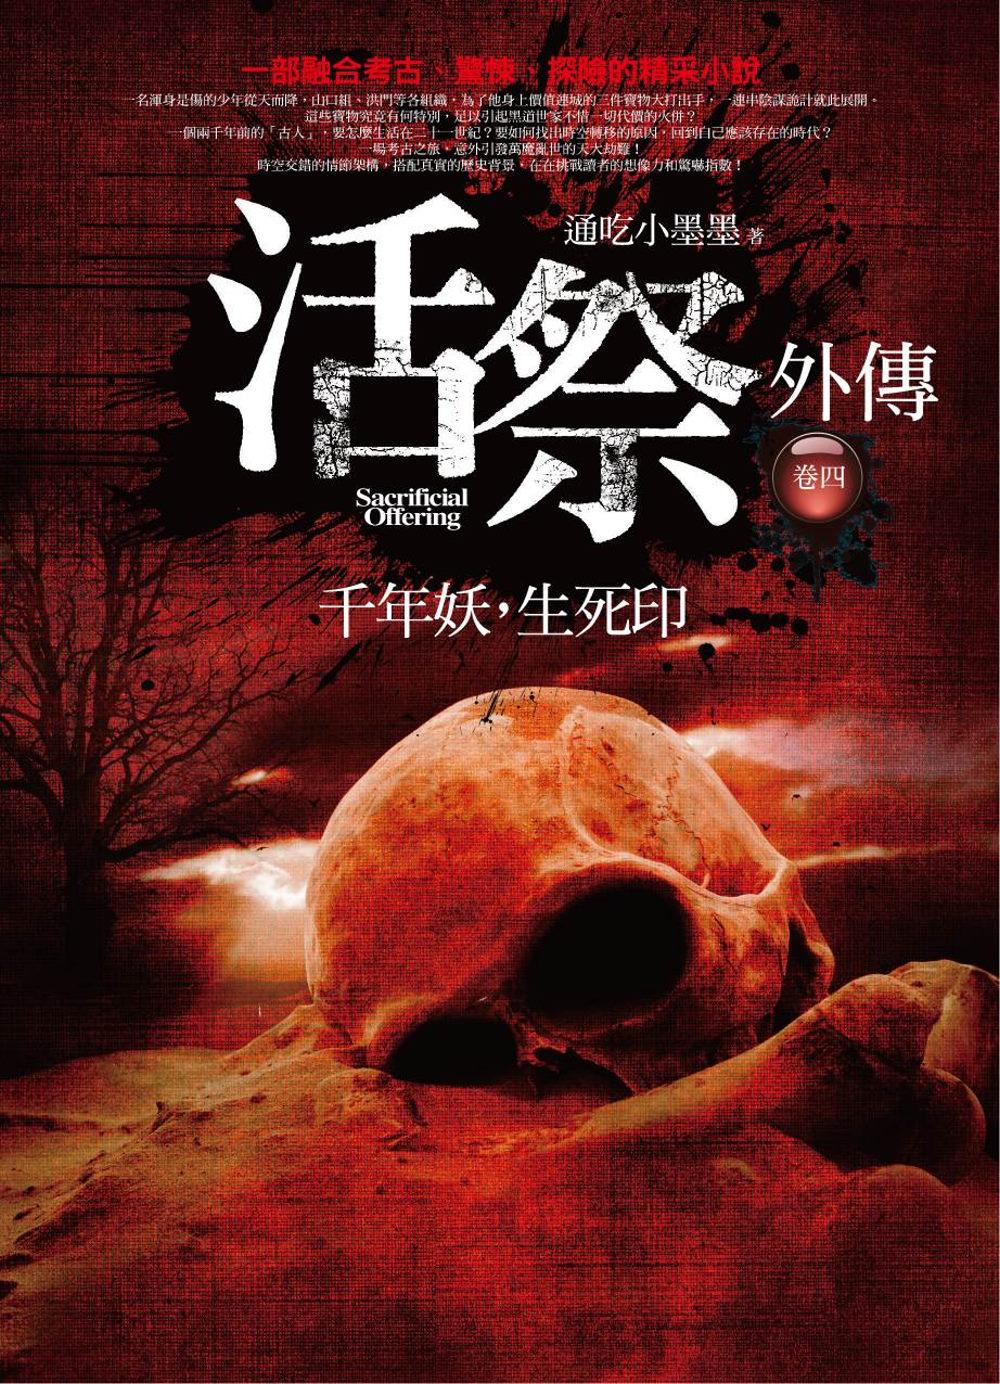 活祭外傳 卷四:千年妖,生死印